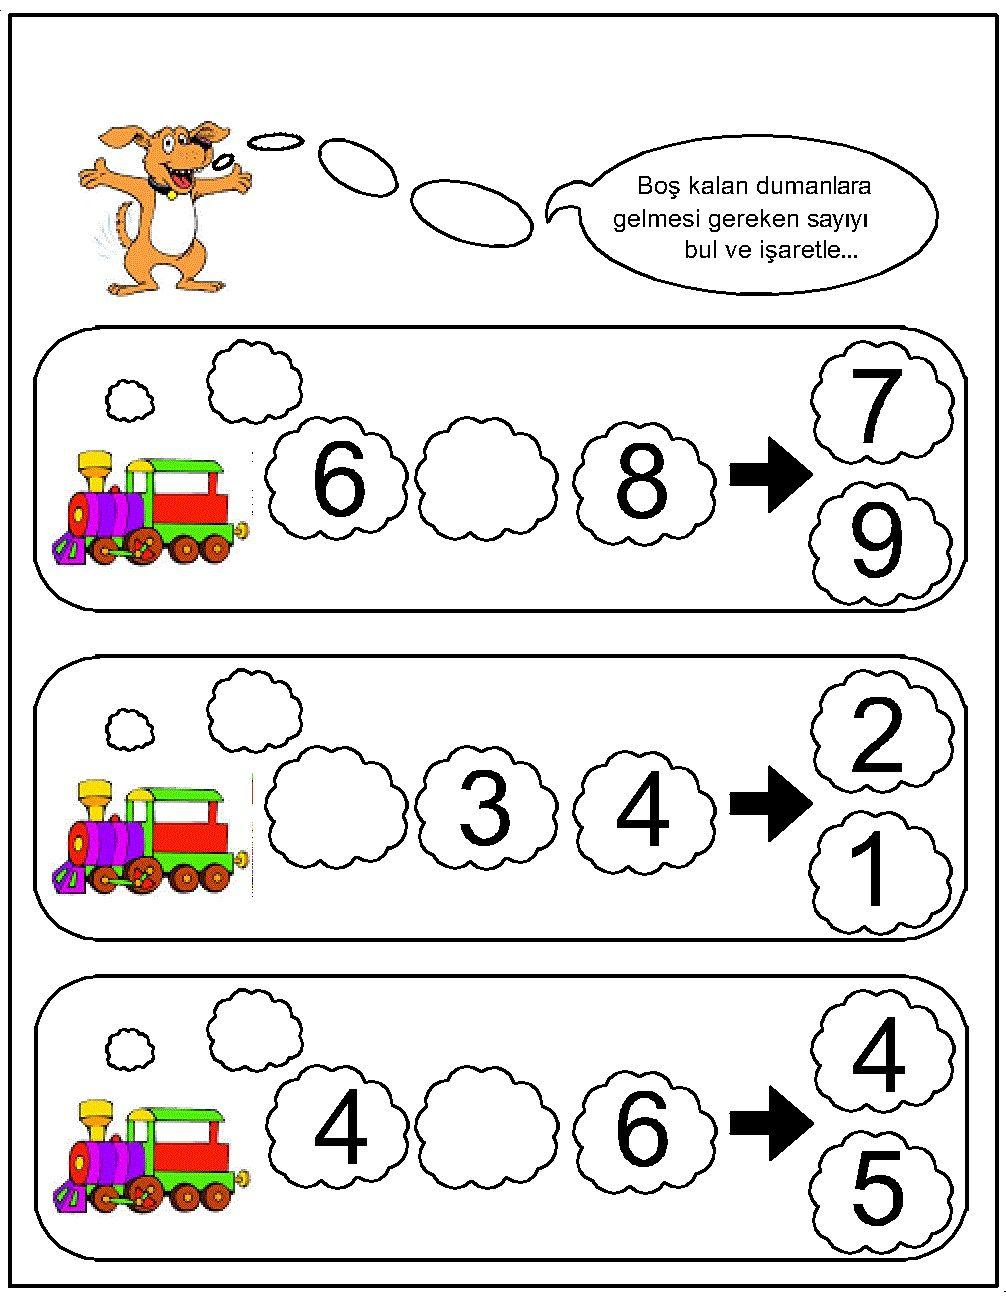 Missing Number Worksheet For Kids 21 Missing Number Worksheets Free Preschool Worksheets Preschool Worksheets Free Printables [ 1302 x 1006 Pixel ]